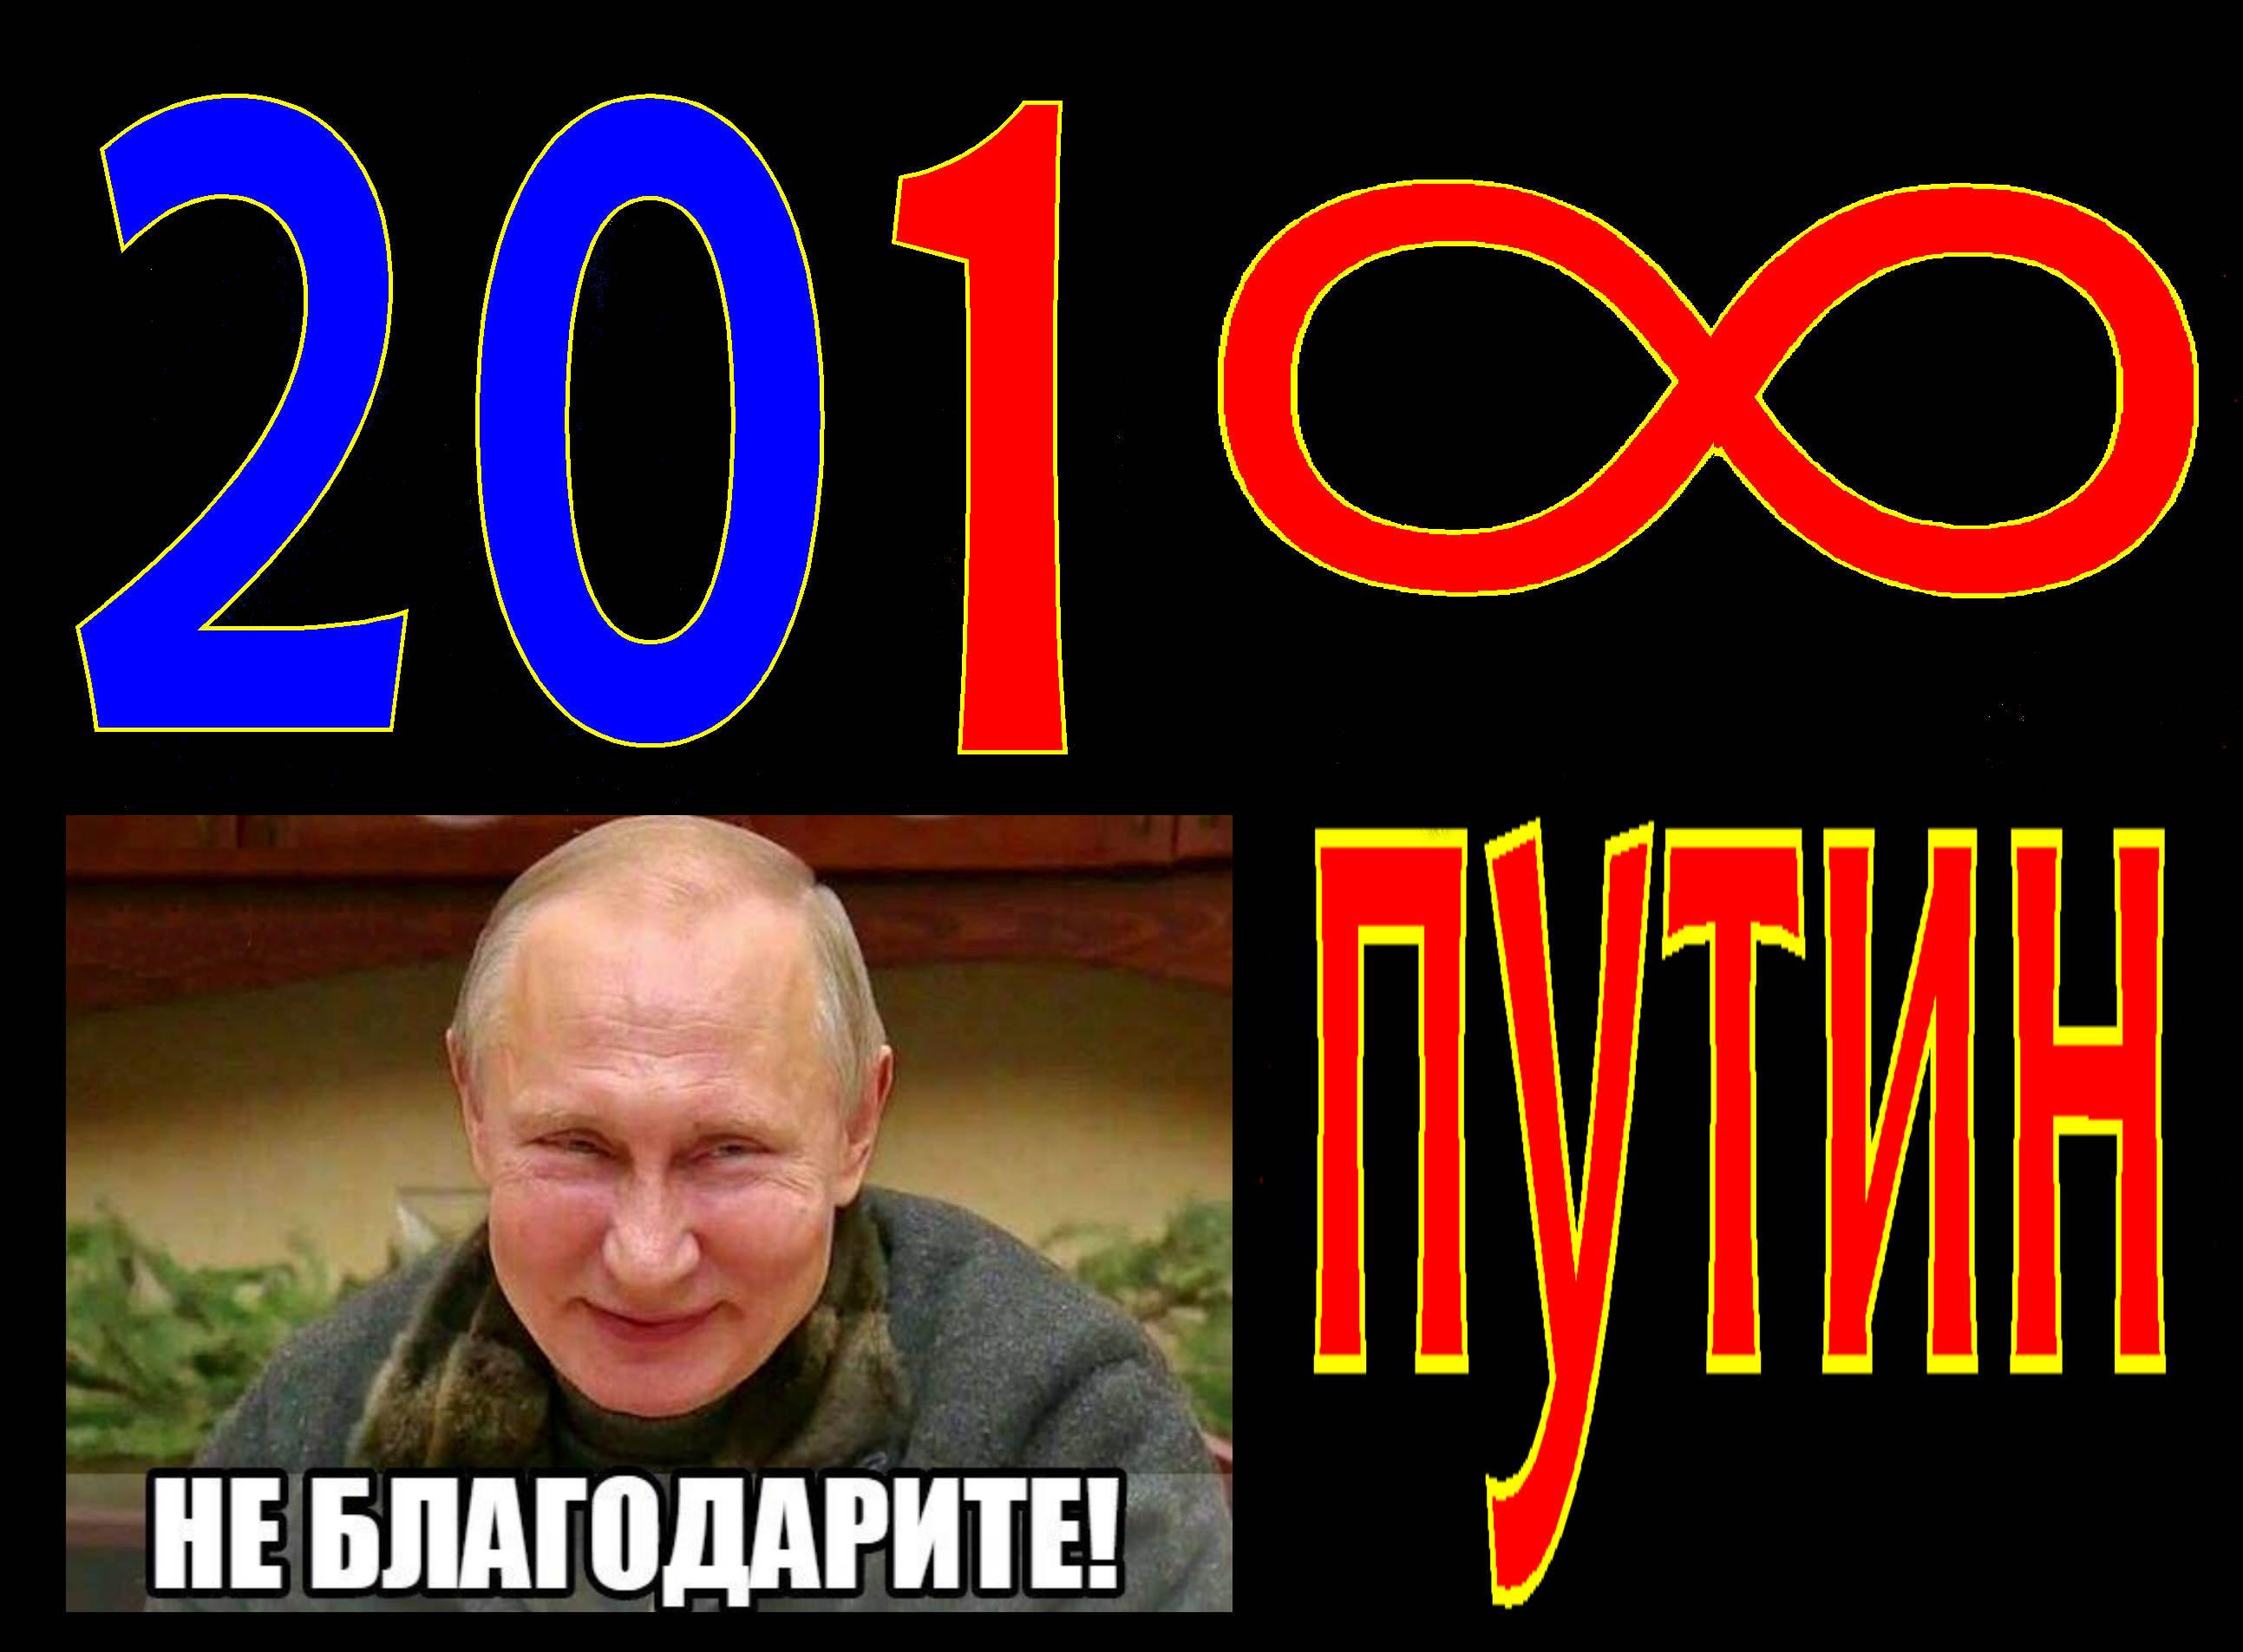 """«Зачем же я пойду на выборы, если у них всё решено?»**Владимир Путин всё-таки сделал нам """"долгожданный подарок"""": он идёт на четвертый срок..Так """"возрадуемся"""" же братья и сестры: нас ждёт ещё 6 лет в объятиях никак не дохнущего советского упыря-чекиста-жидиста**Наша статья 2012г."""